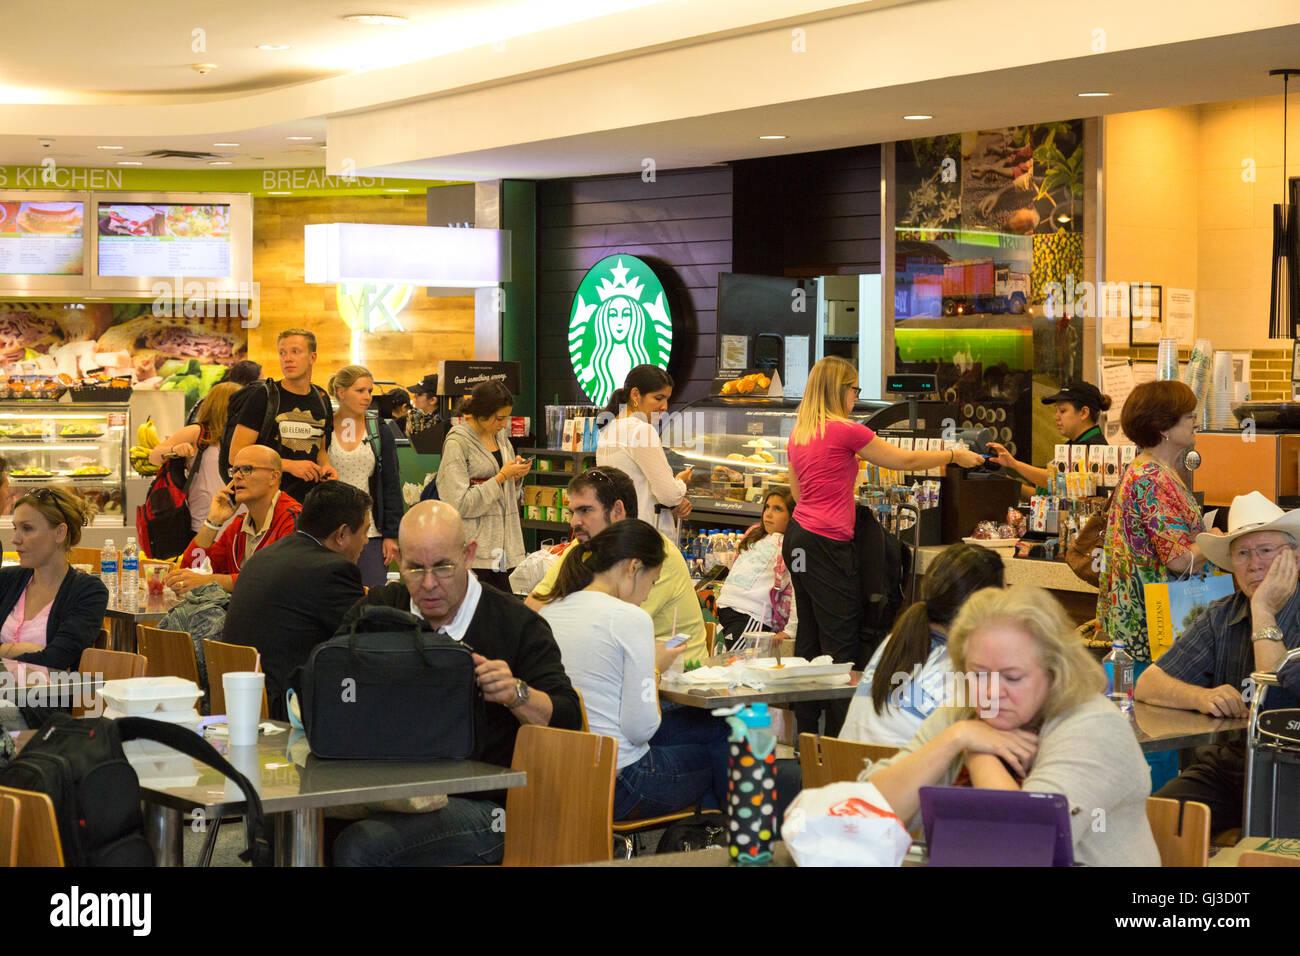 Le persone aventi il caffè in uno Starbucks Cafe, della sala partenze, terminale E George Bush Interconinental aeroporto, Houston Texas Foto Stock